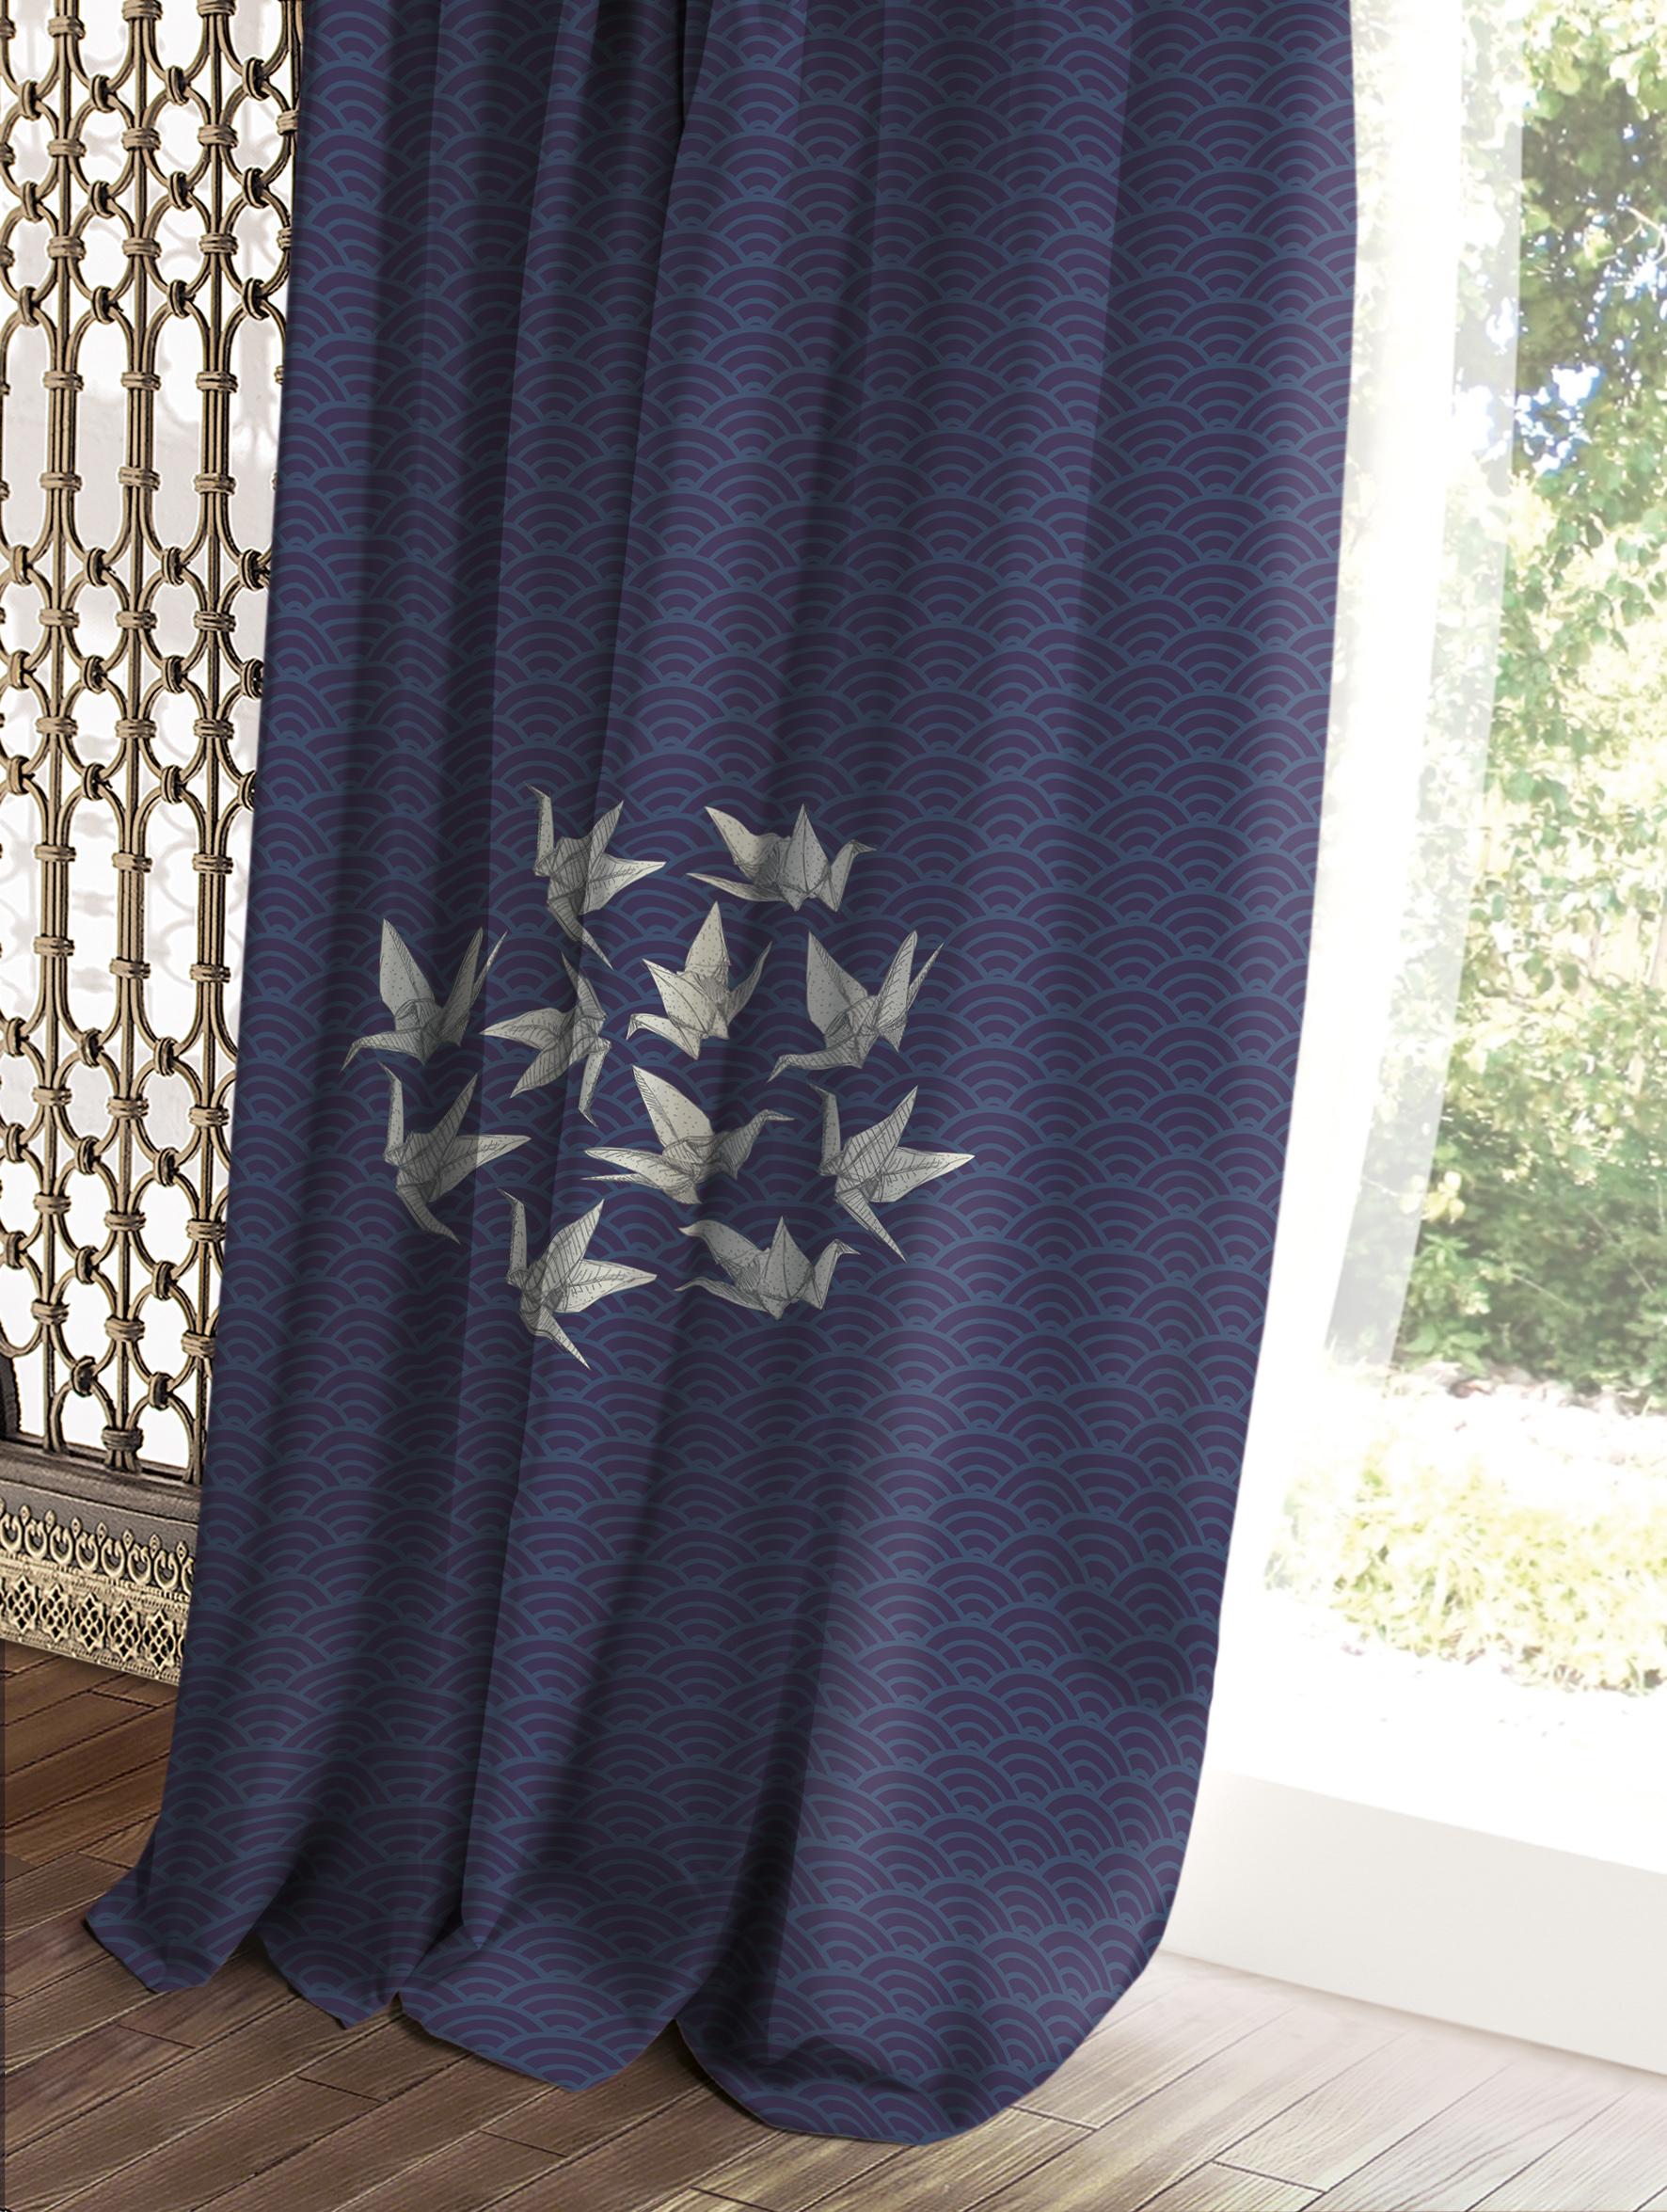 Штора Волшебная ночь Этно, цвет: темно-синий, 150 x 270 см штора волшебная ночь прованс цвет зеленый 150 x 270 см